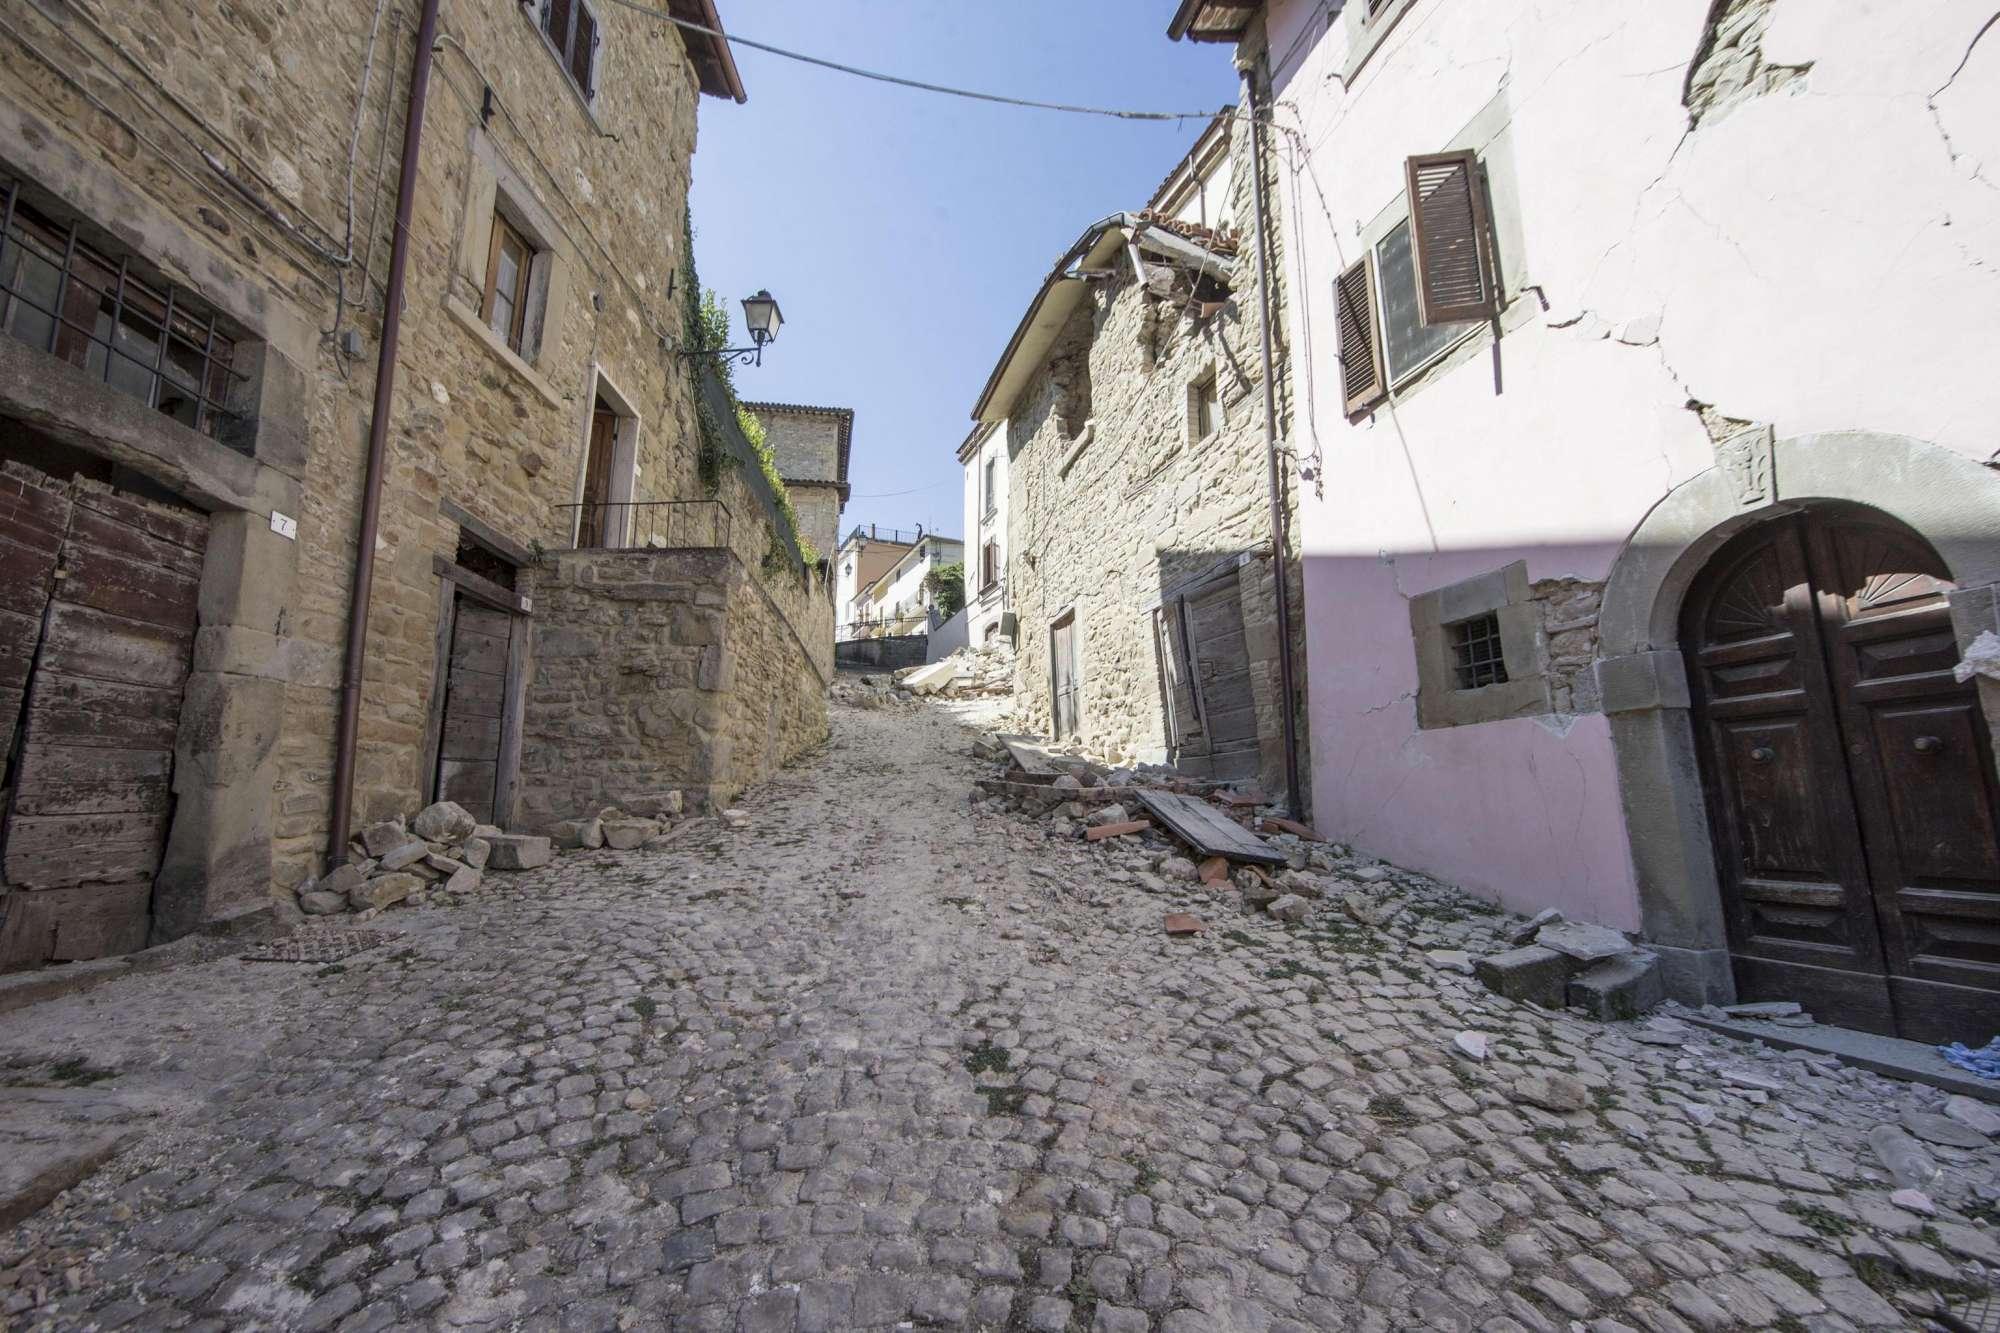 Terremoto del Centro Italia del 2016, ricostruzione. Vasco Errani: non c'è organizzazione. Ora sarà peggio